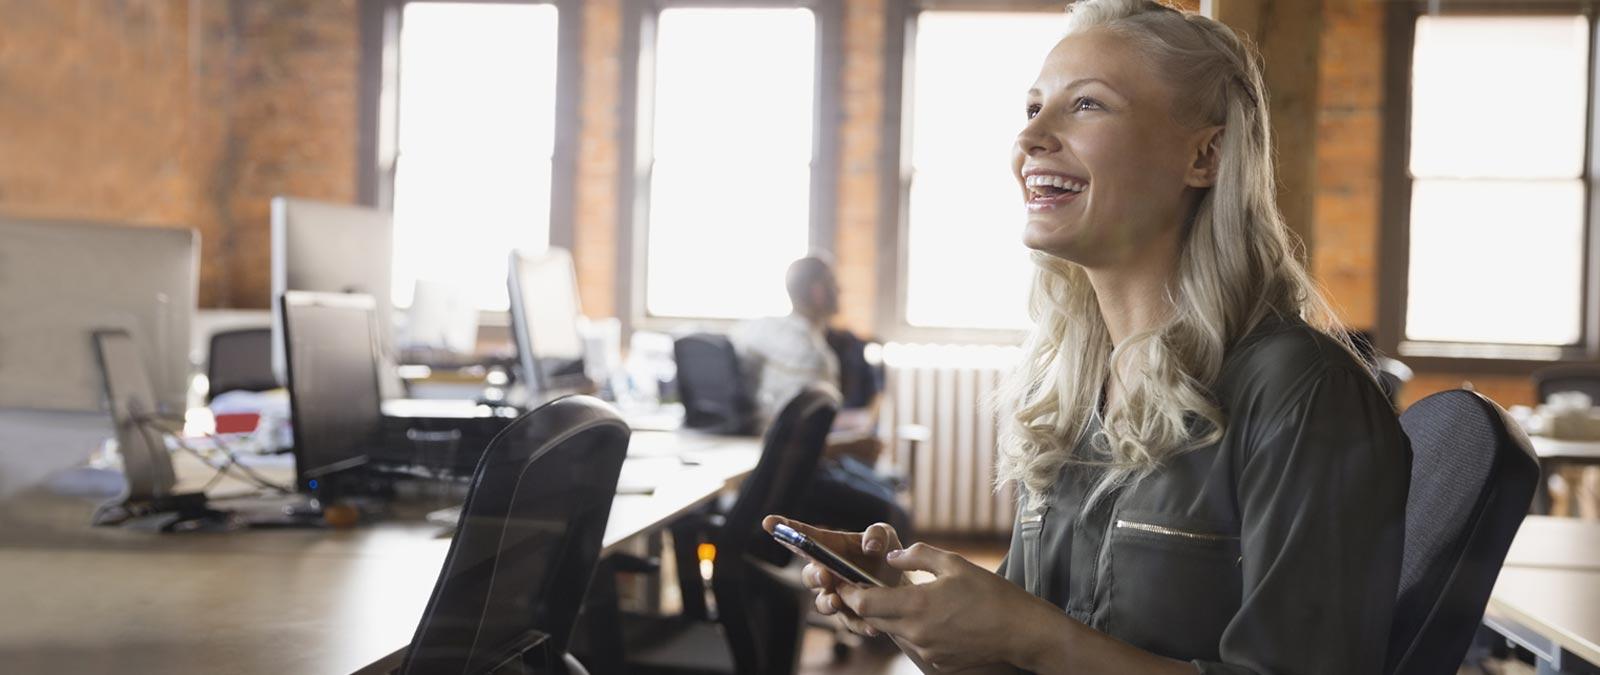 ผู้หญิงอยู่ในสำนักงานกำลังใช้ Office 365 Business Essentials บนสมาร์ทโฟน